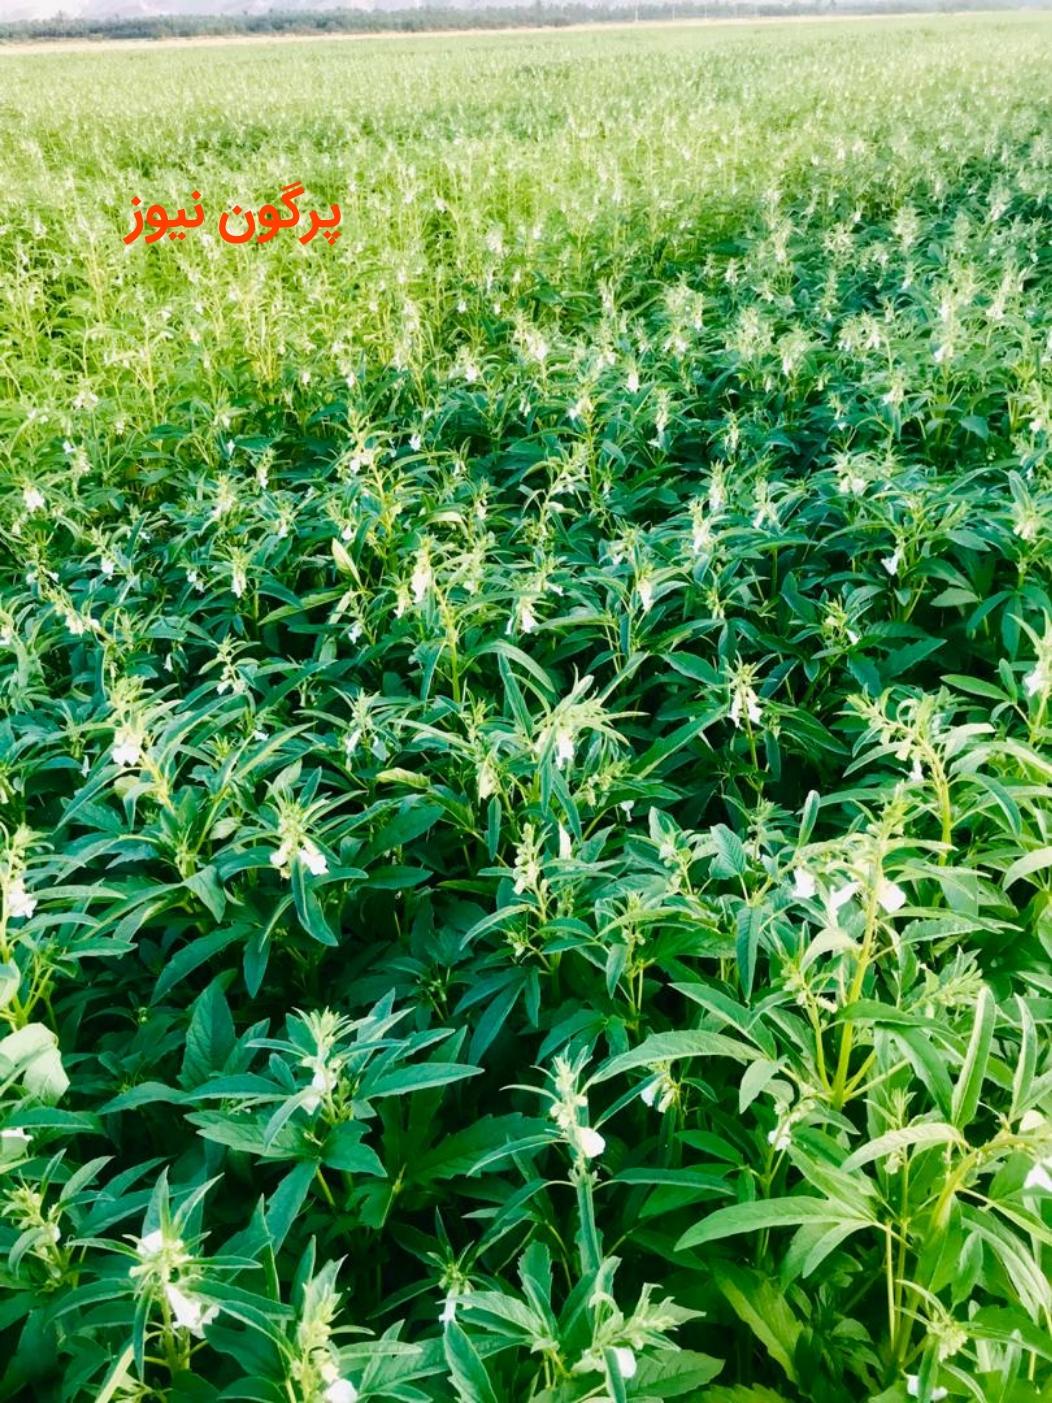 بزرگ ترین مزرعه کنجد جنوب کشور در قیروکارزین